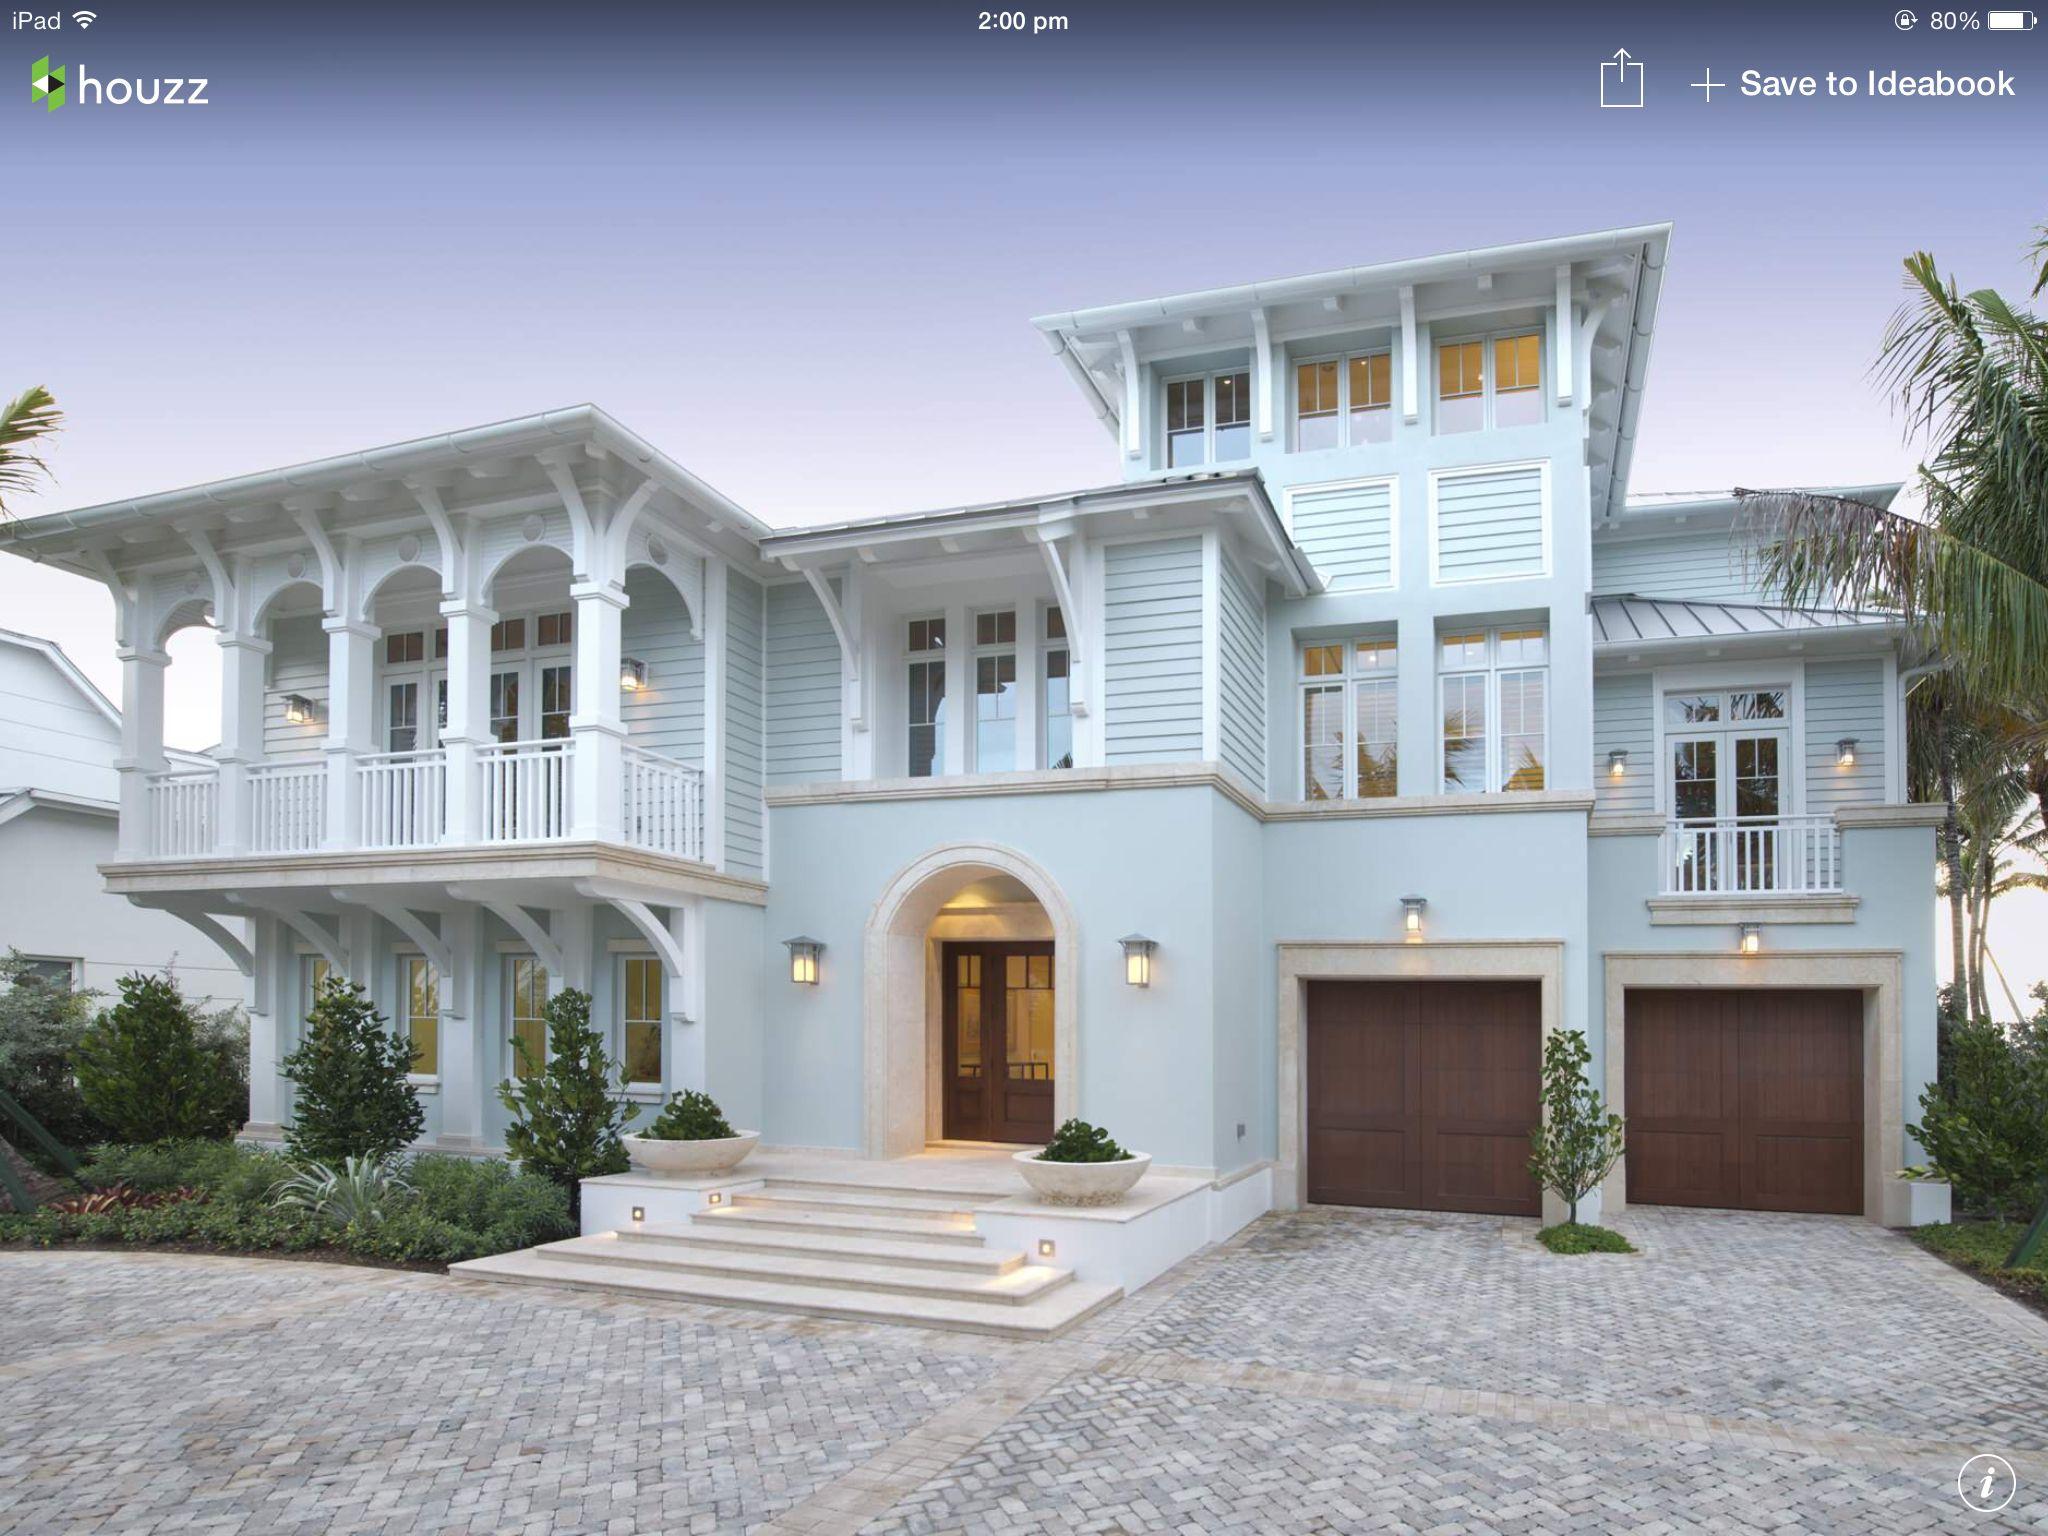 House Paint Exterior